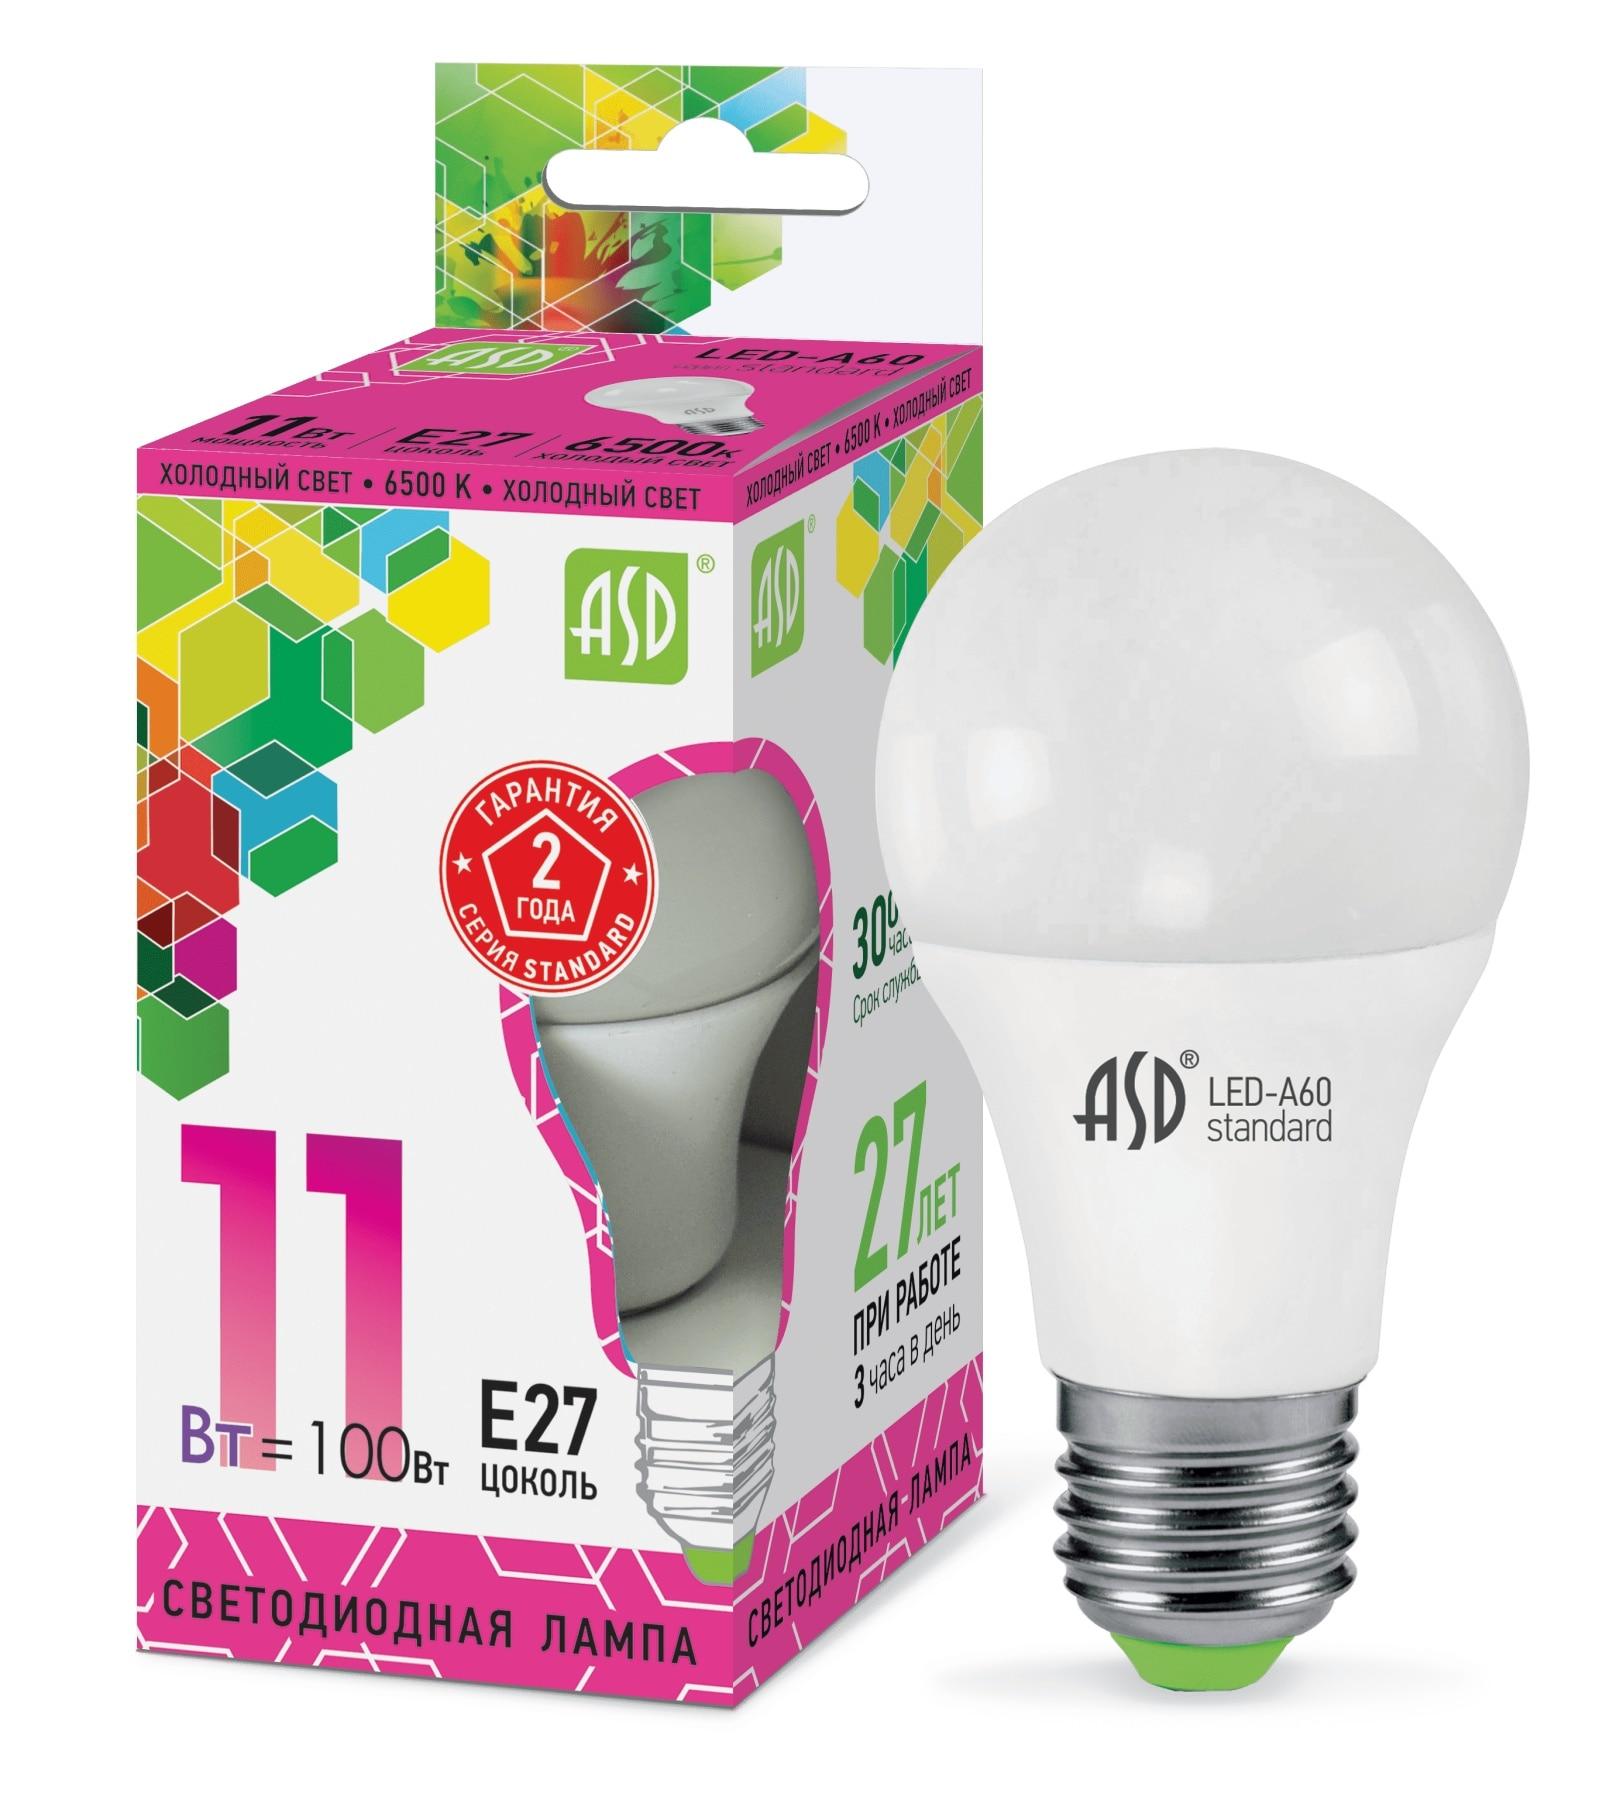 Lamp Led Led-a60-standard 11w 230v E27 6500 K 990lm ASD 4690612014197